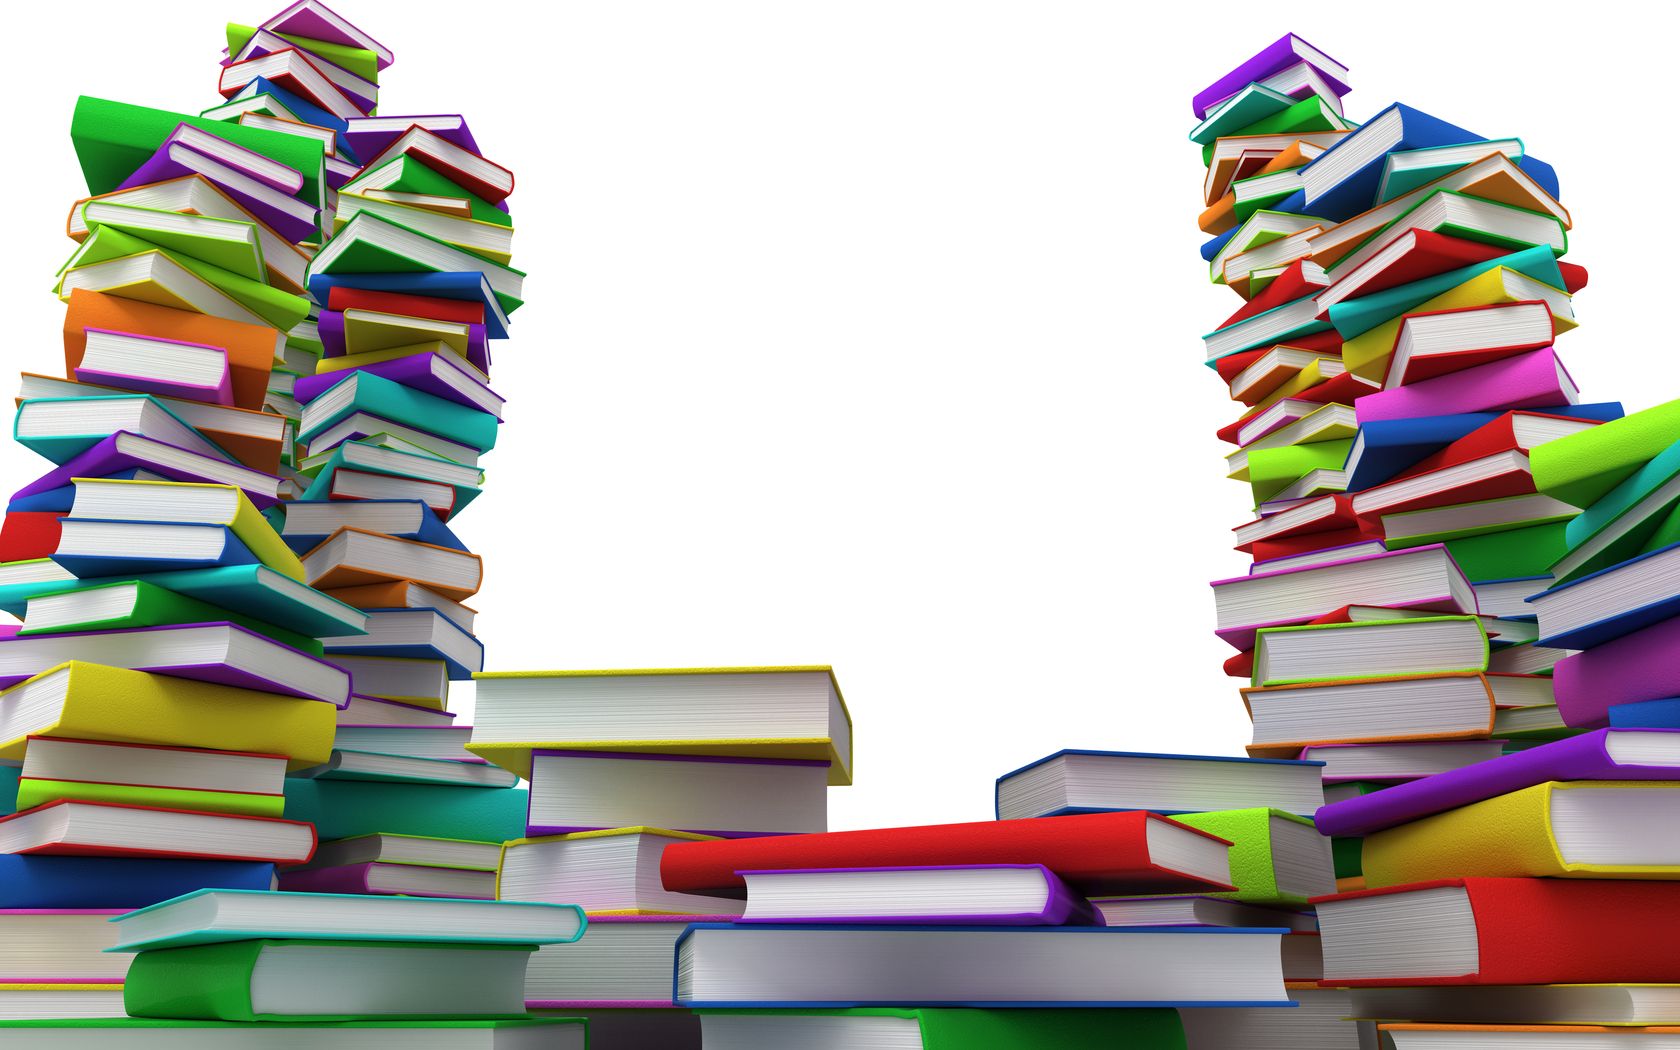 4 livros recomendados para empreendedores, segundo Zuckerberg, dono do Facebook